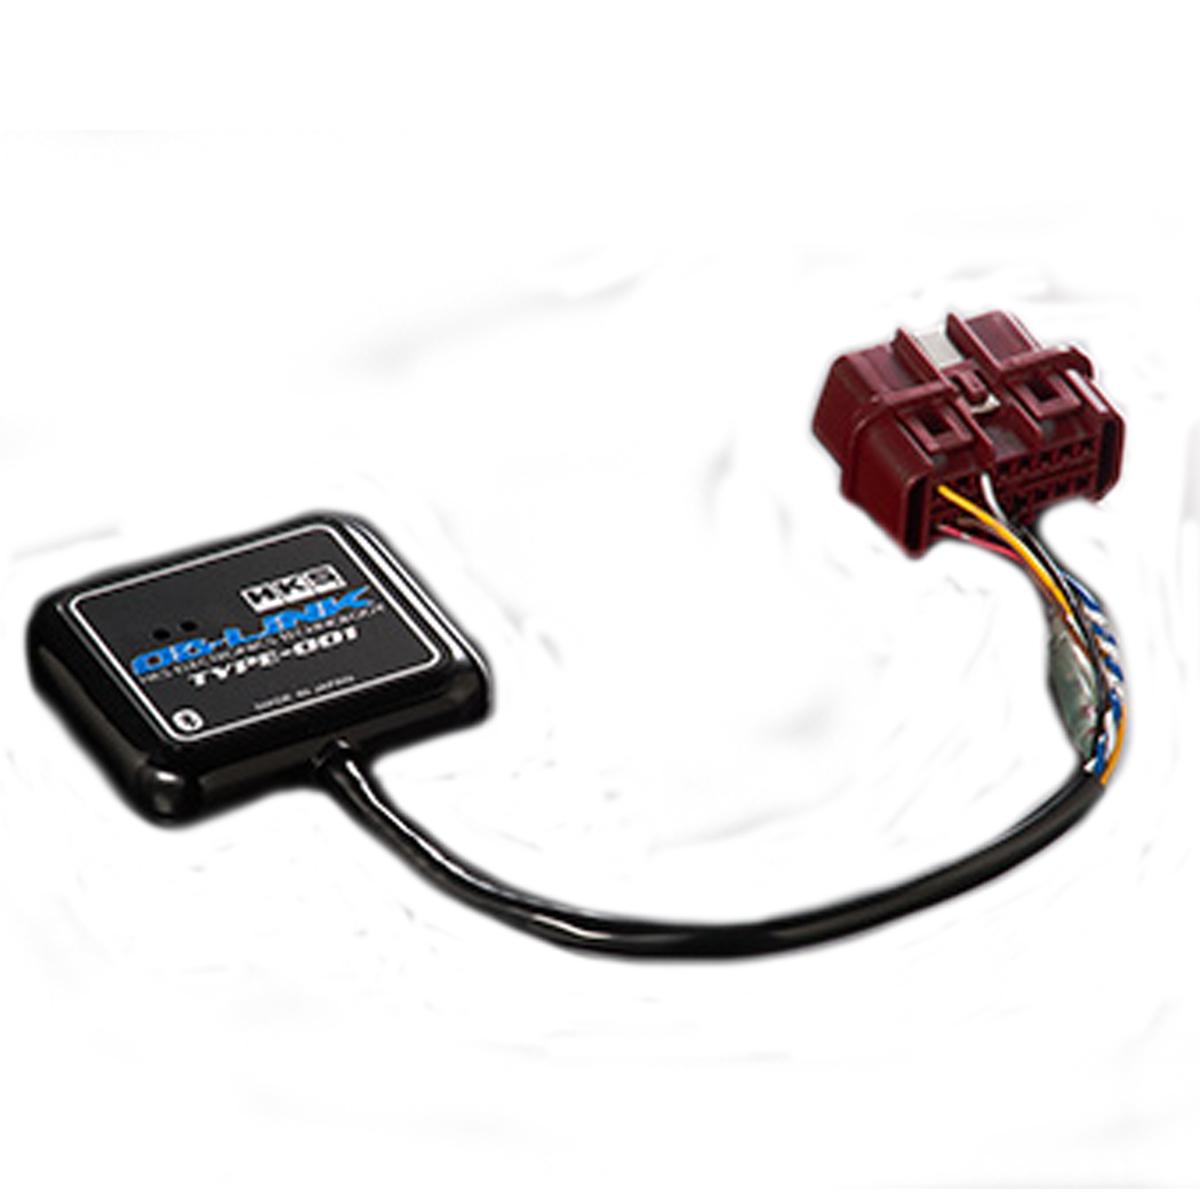 カローラ フィールダー ハイブリ ッド モニター OBリンク タイプ 001 NKE165G HKS 44009-AK002 エレクトリニクス